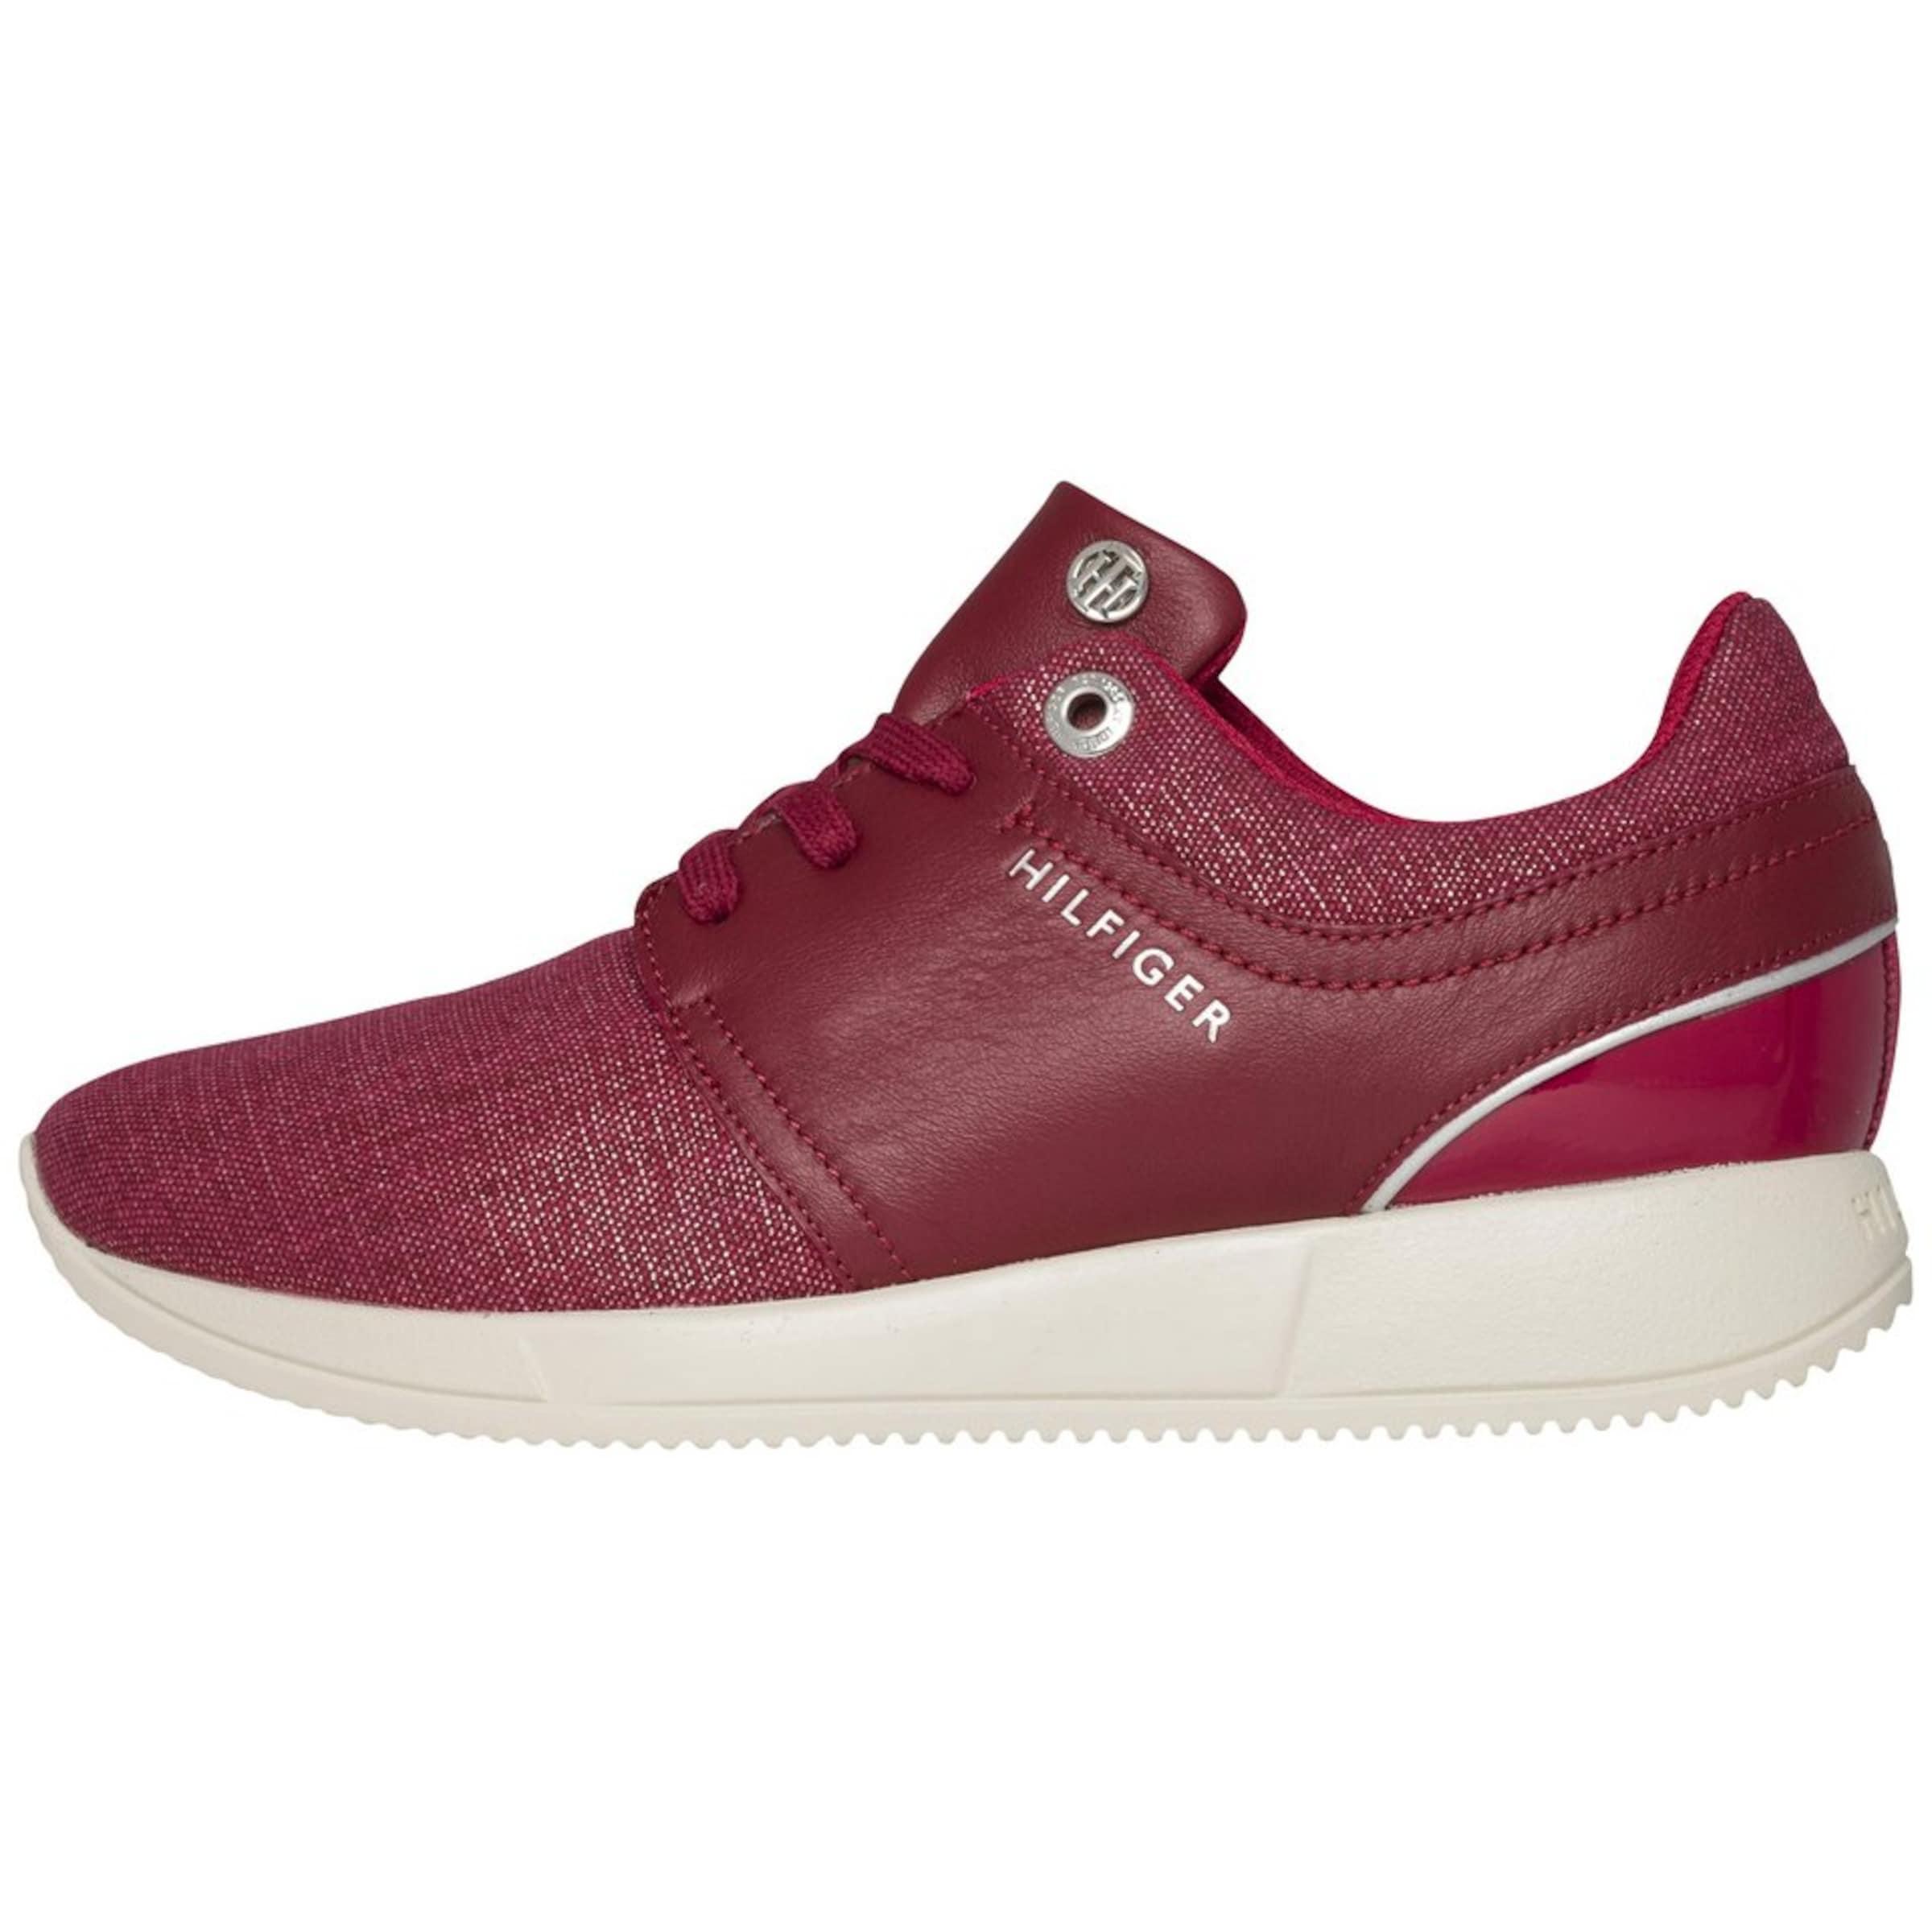 TOMMY HILFIGER Sneaker »S1285AMANTHA 2C4« Verkauf Des Niedrigen Preises Rabatt Kosten Günstig Kaufen 2018 Neueste v7hxHAo